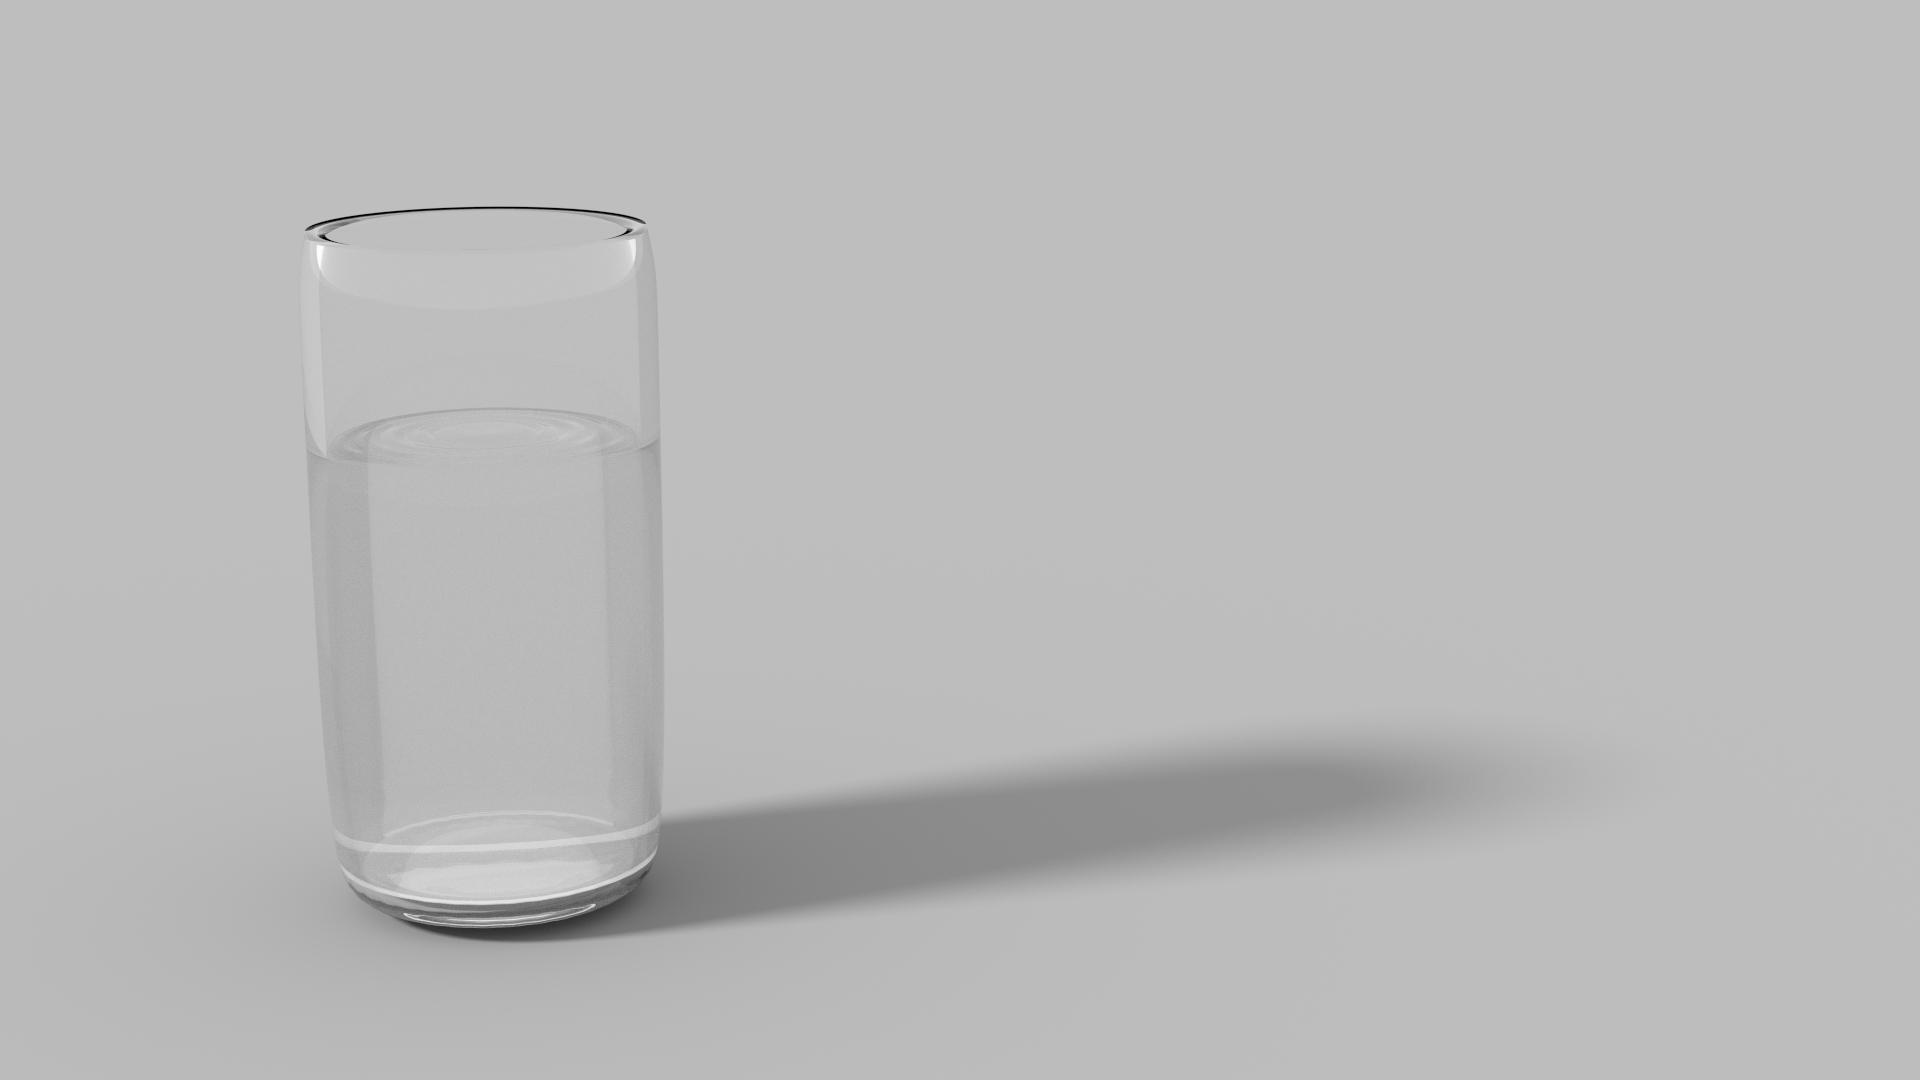 bicchiere.jpg